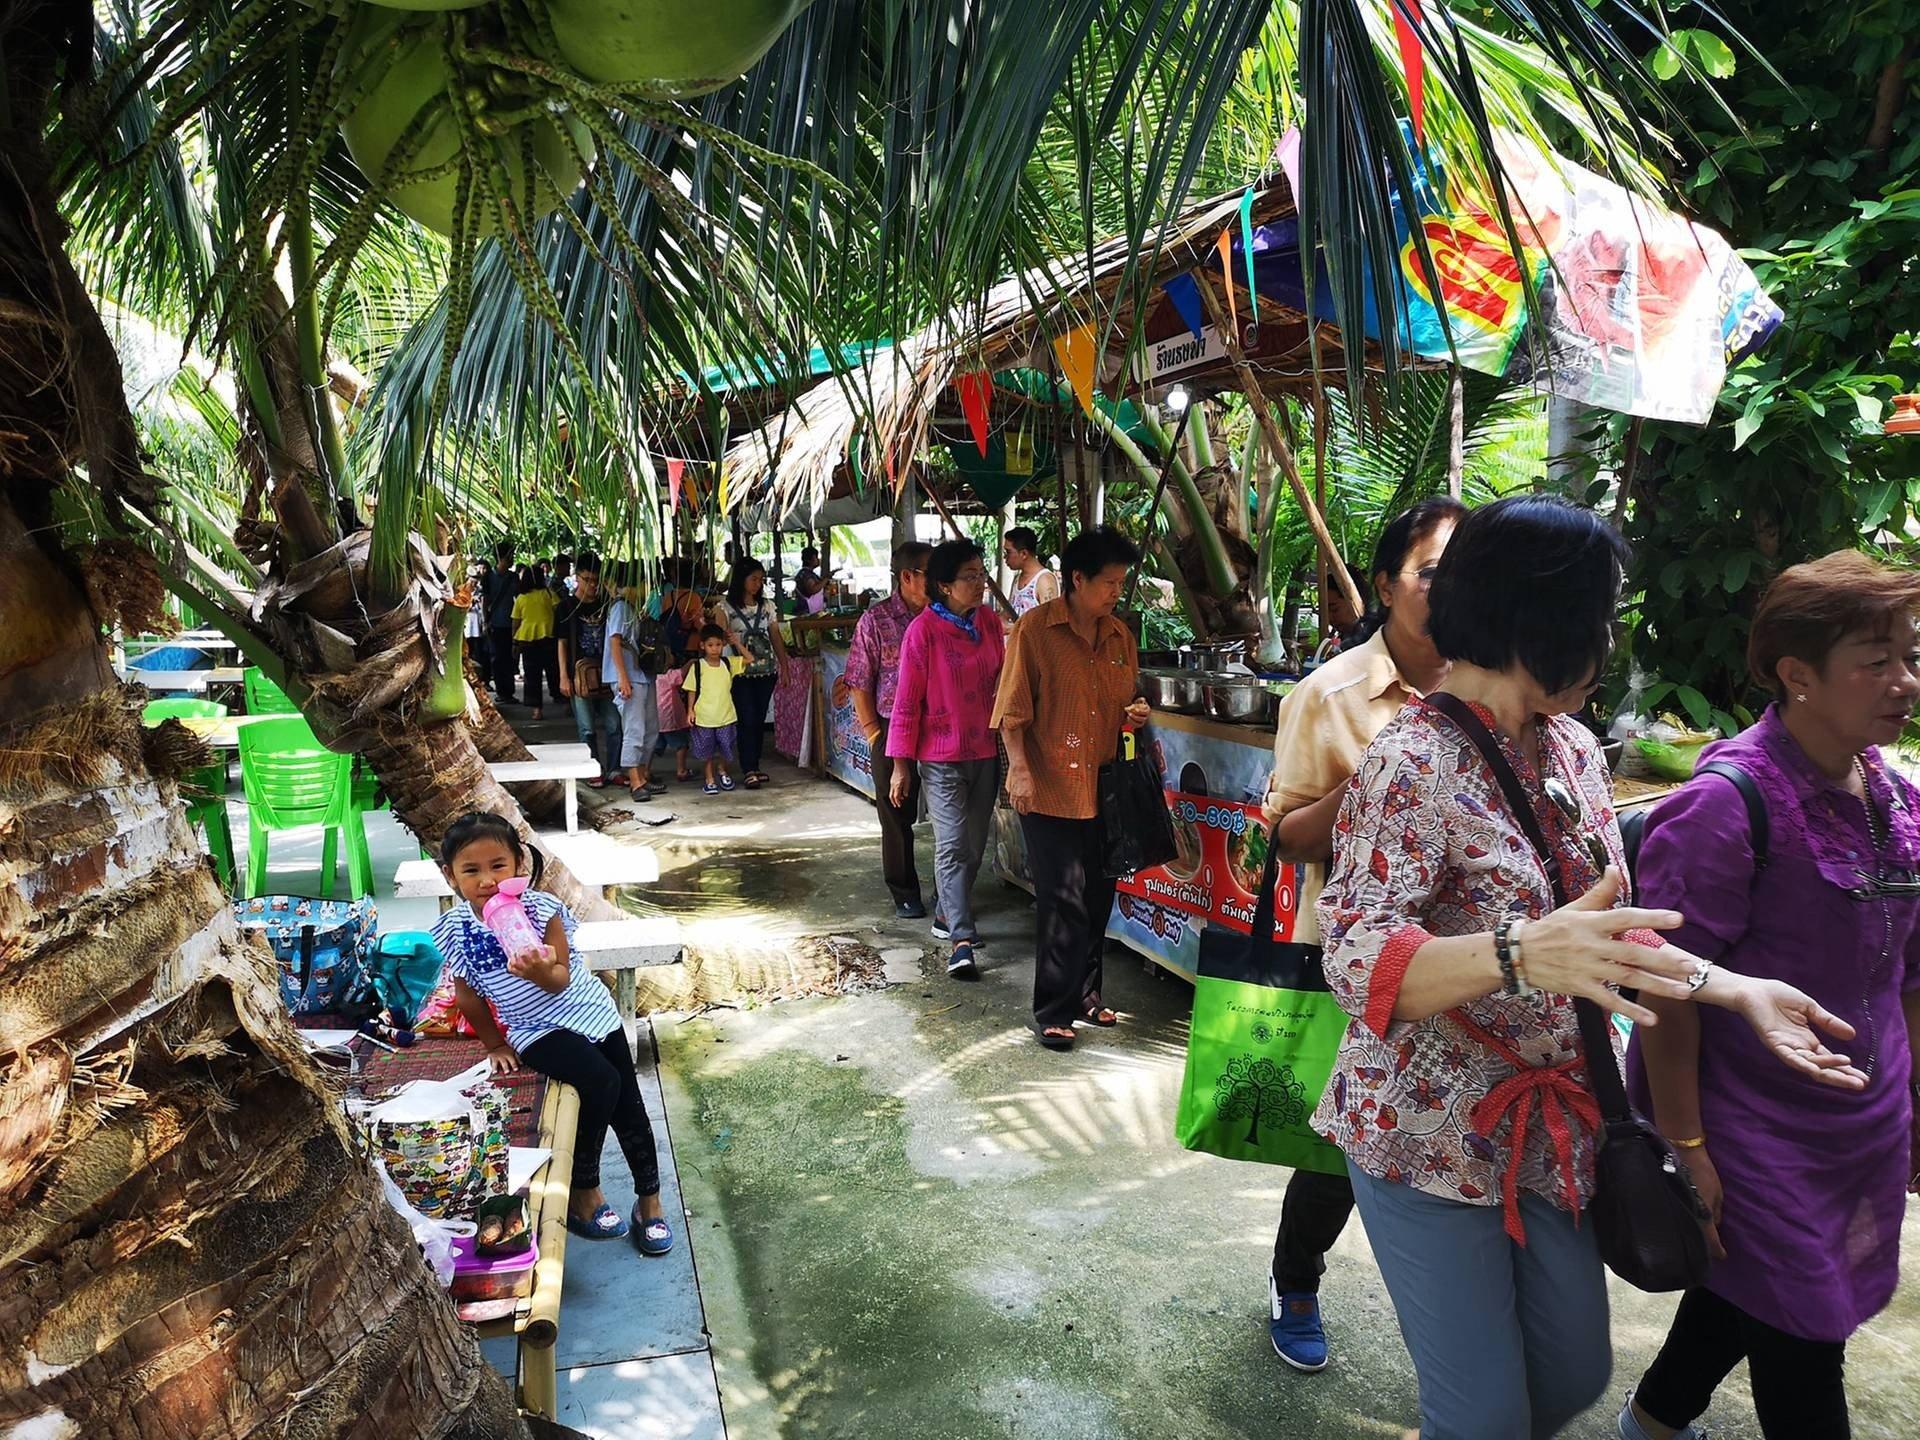 รูปภาพจาก FB : ตลาดน้ำประชารัฐสวนบัว Suan Bua Floating Market